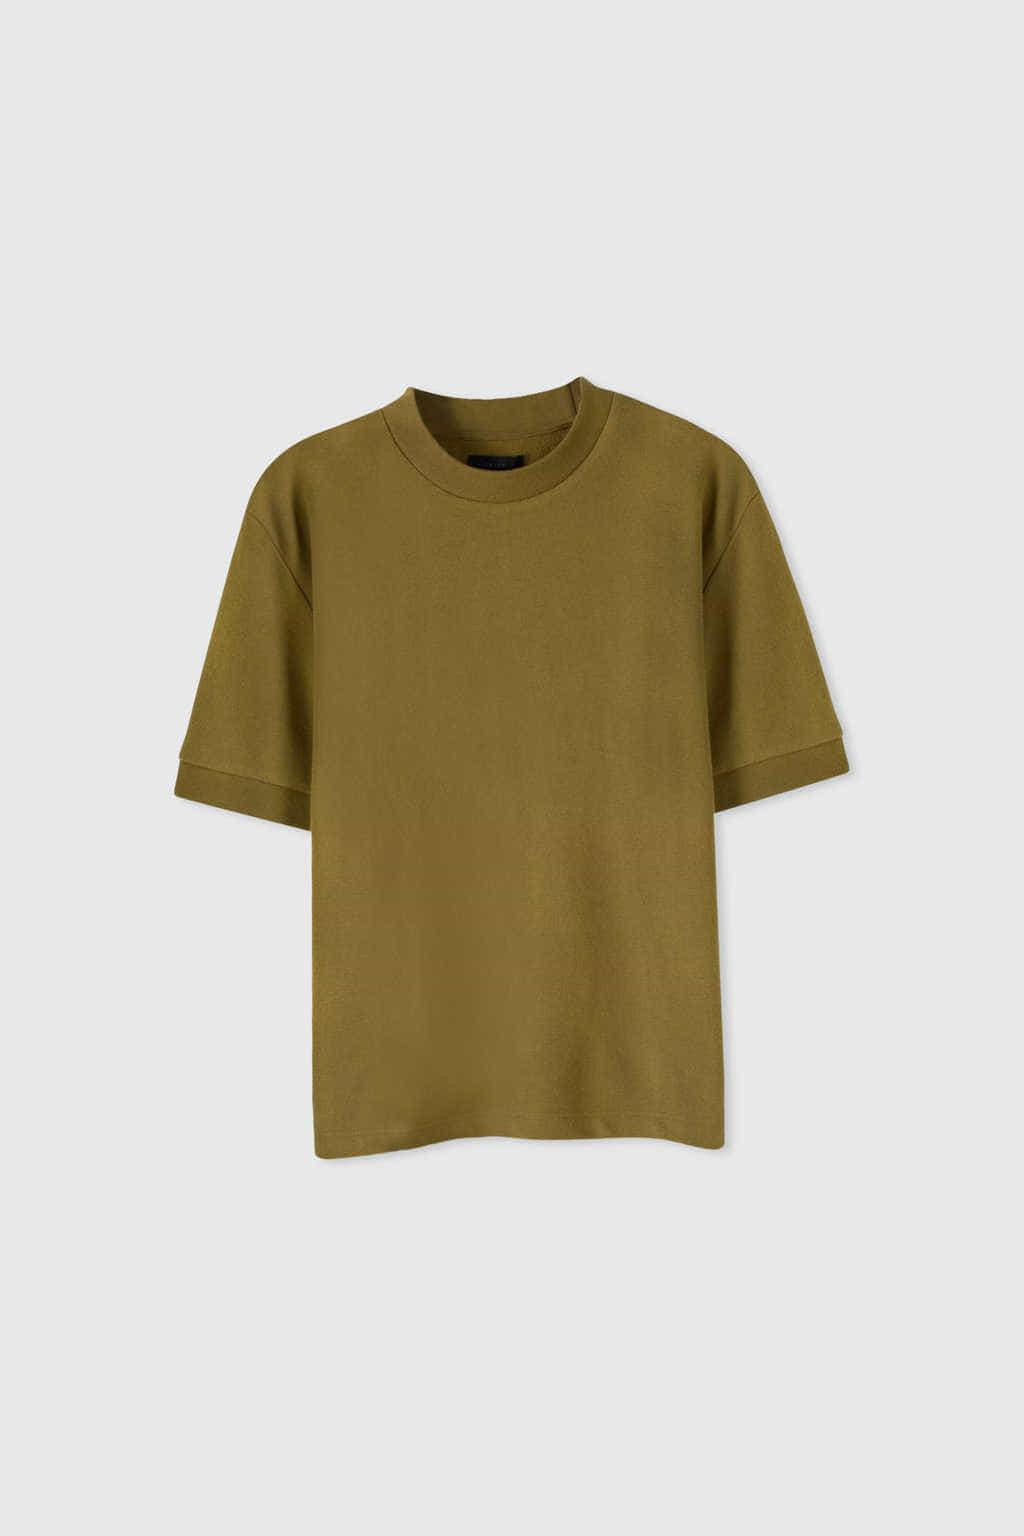 TShirt 2653 Olive 5